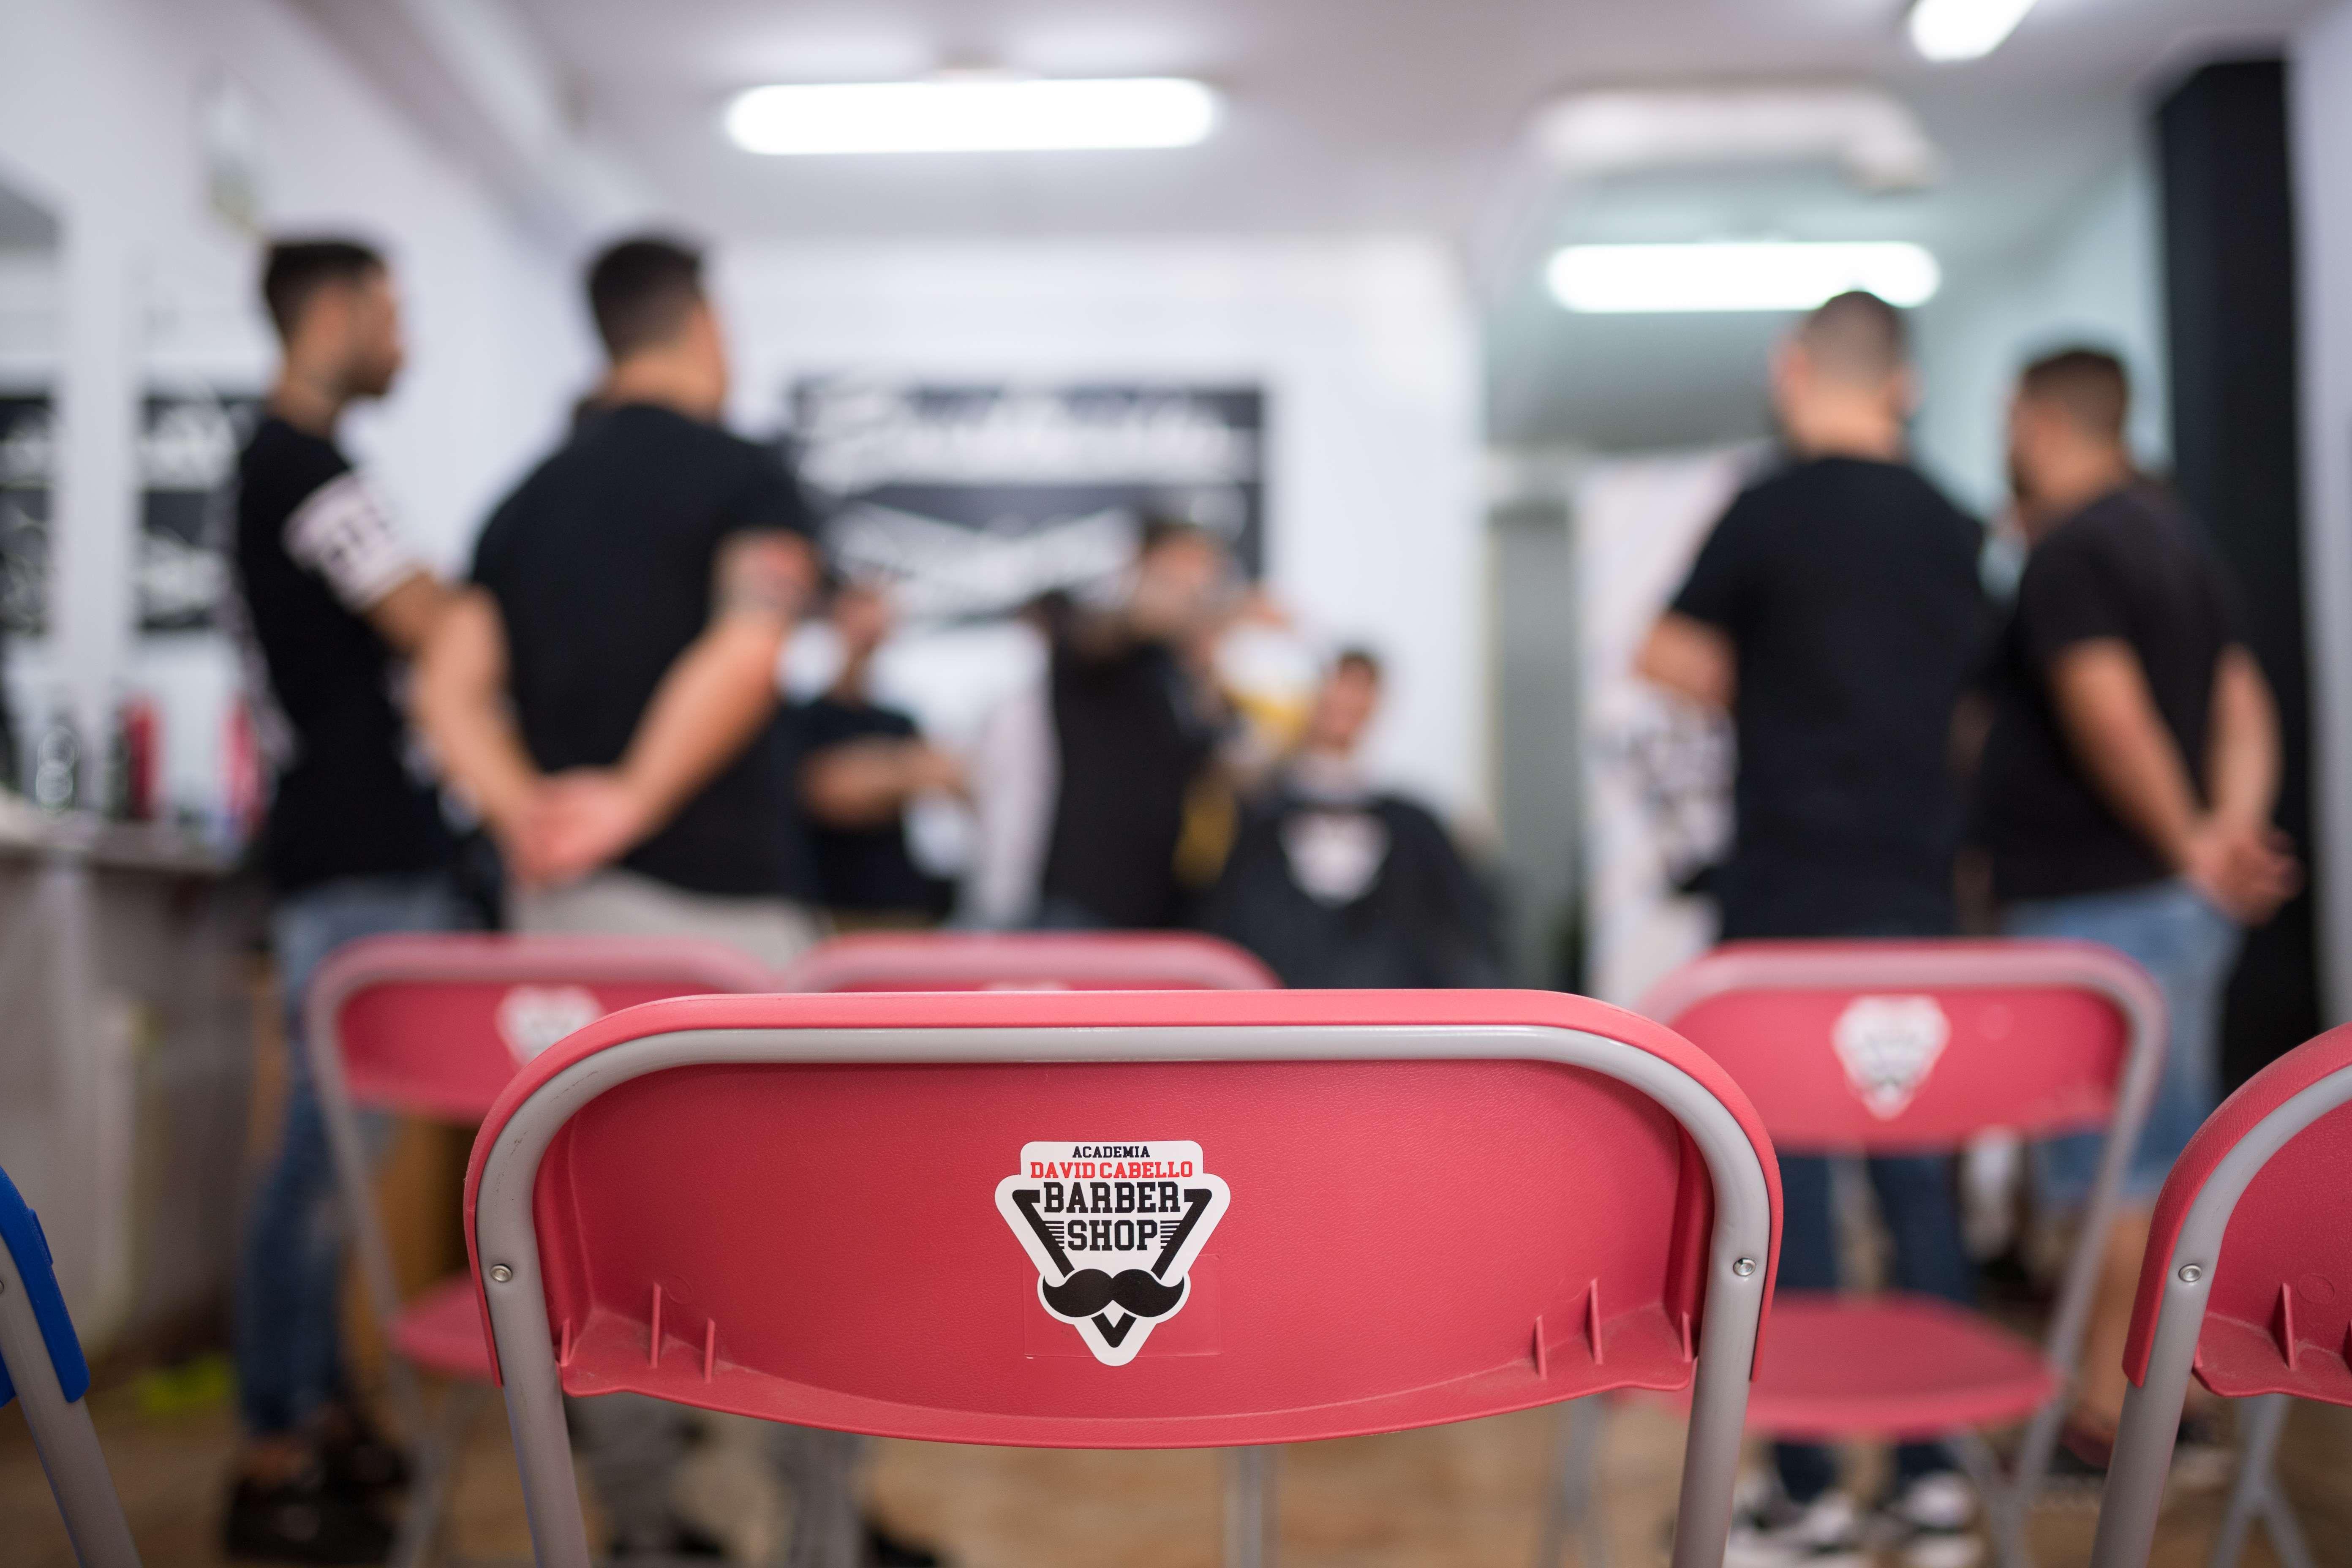 Foto 24 de Academia de peluquería y barbería en Las Palmas de Gran Canaria | Academia y Barbería David Cabello